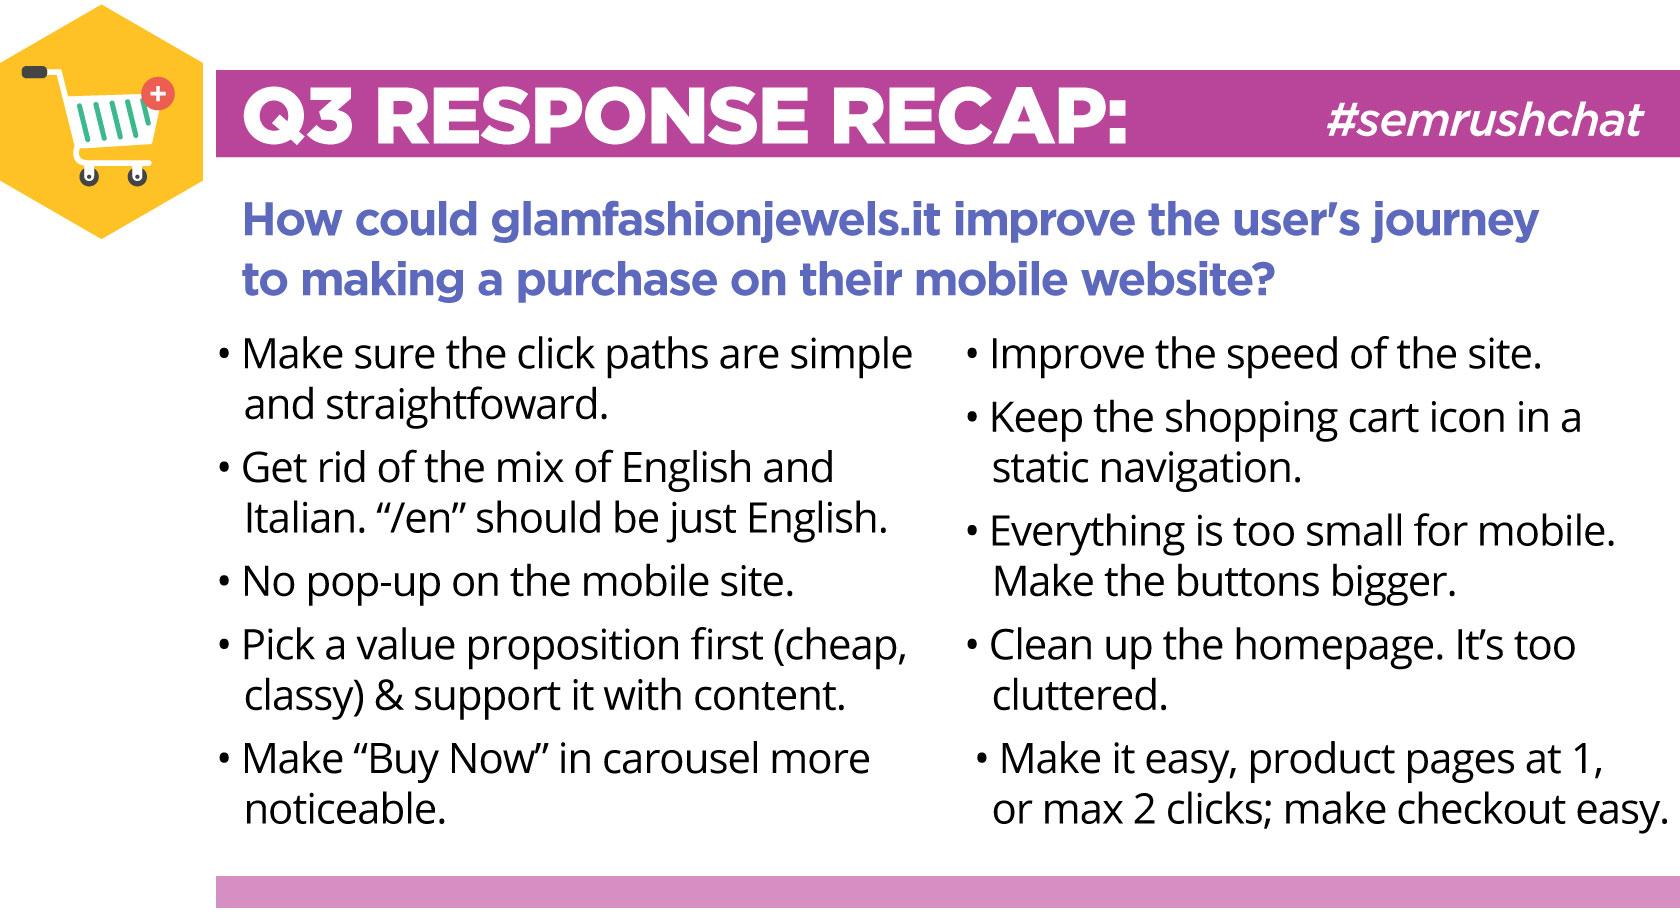 SEMrushchat recap glamfashionjewels.it